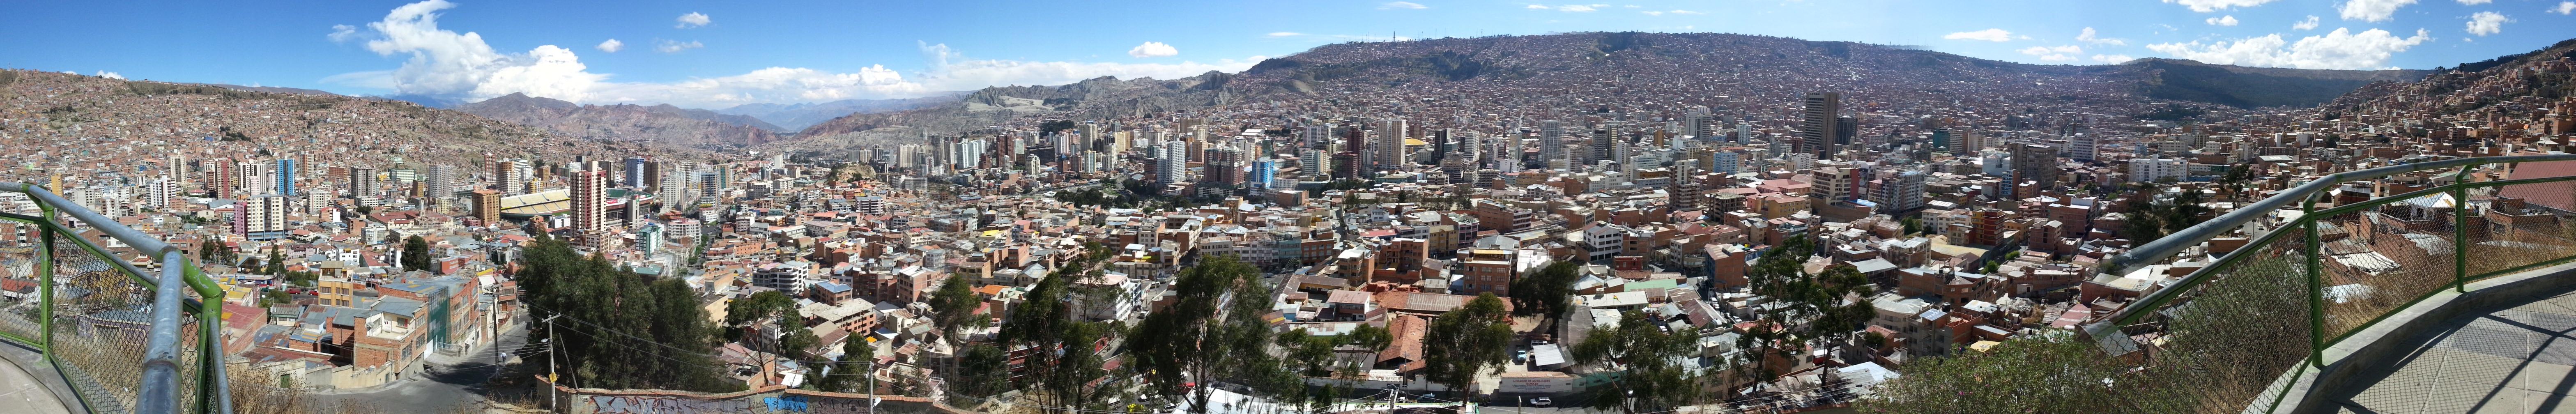 La Paz: Deel 1